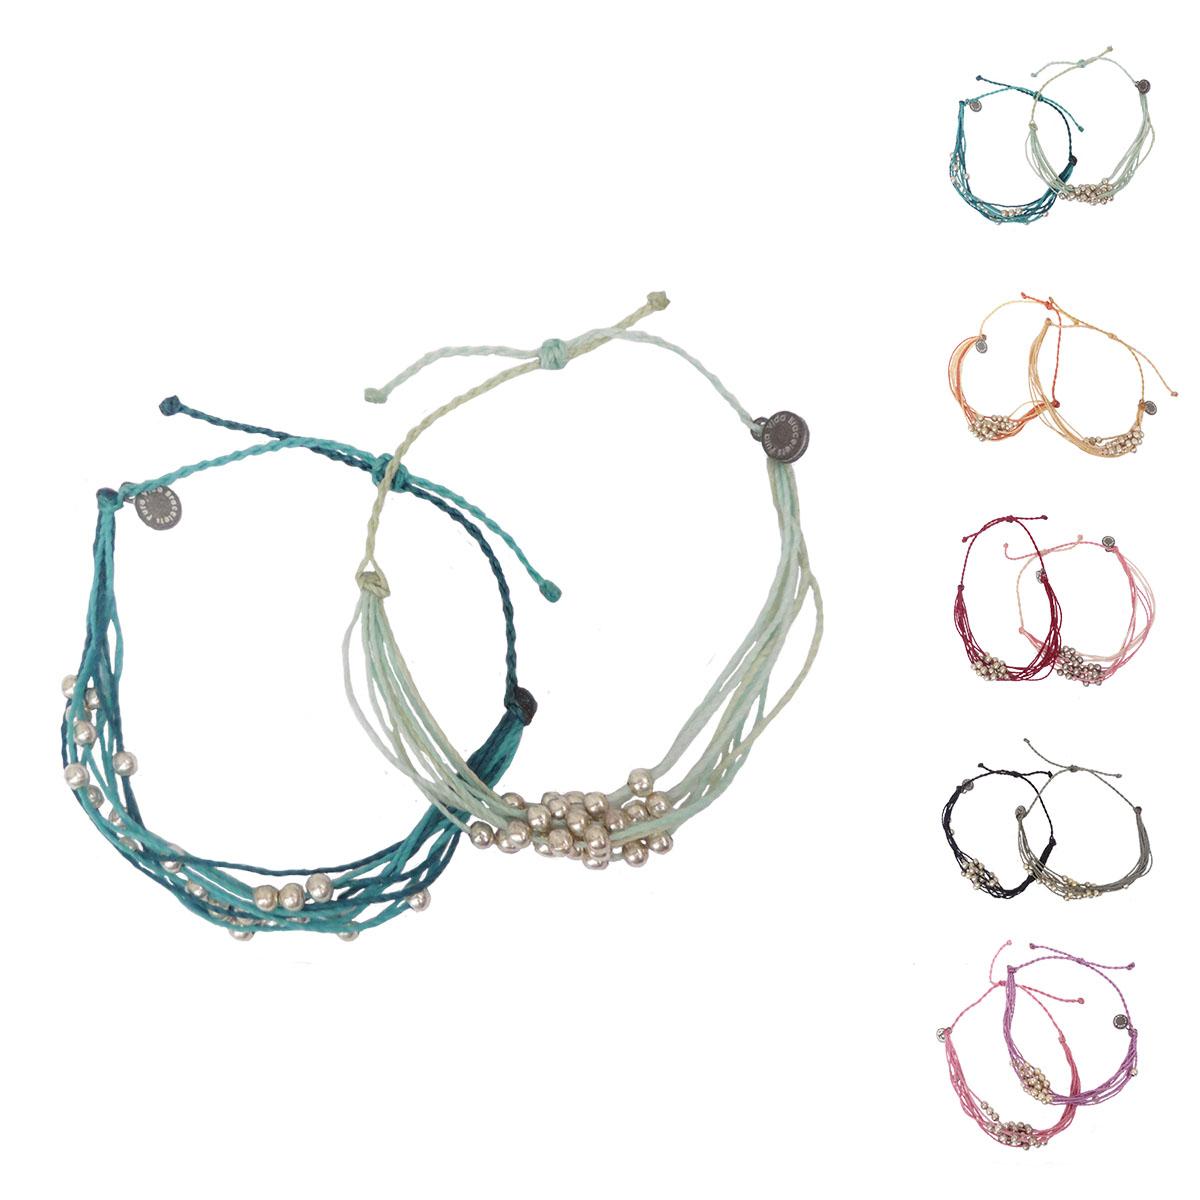 画像1: 【セール 80%OFF】puravida bracelets プラヴィダブレスレット プラチナ×2本セット レディース/メンズ (1)